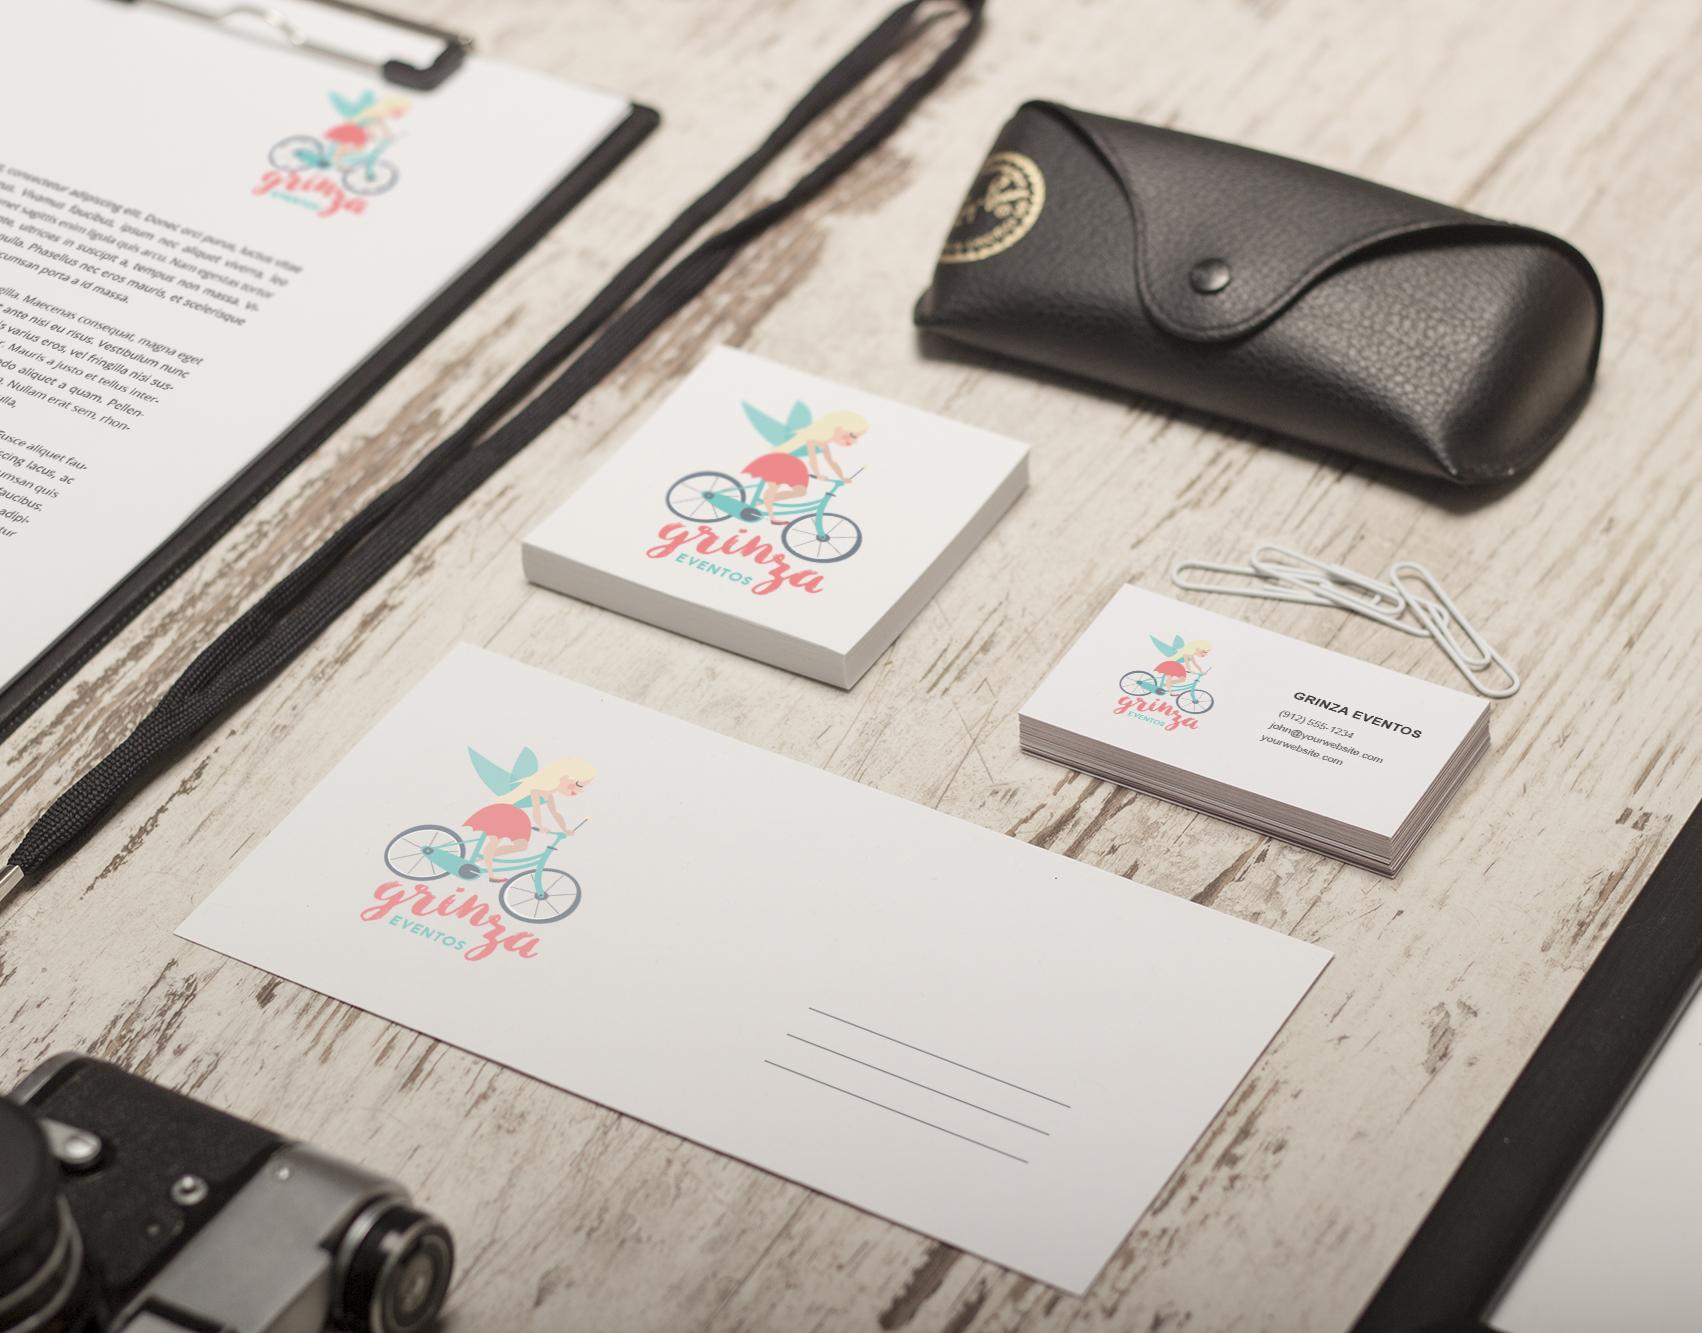 grinza-logotipo-web-diseñografico-asturias-mdebenito.jpg